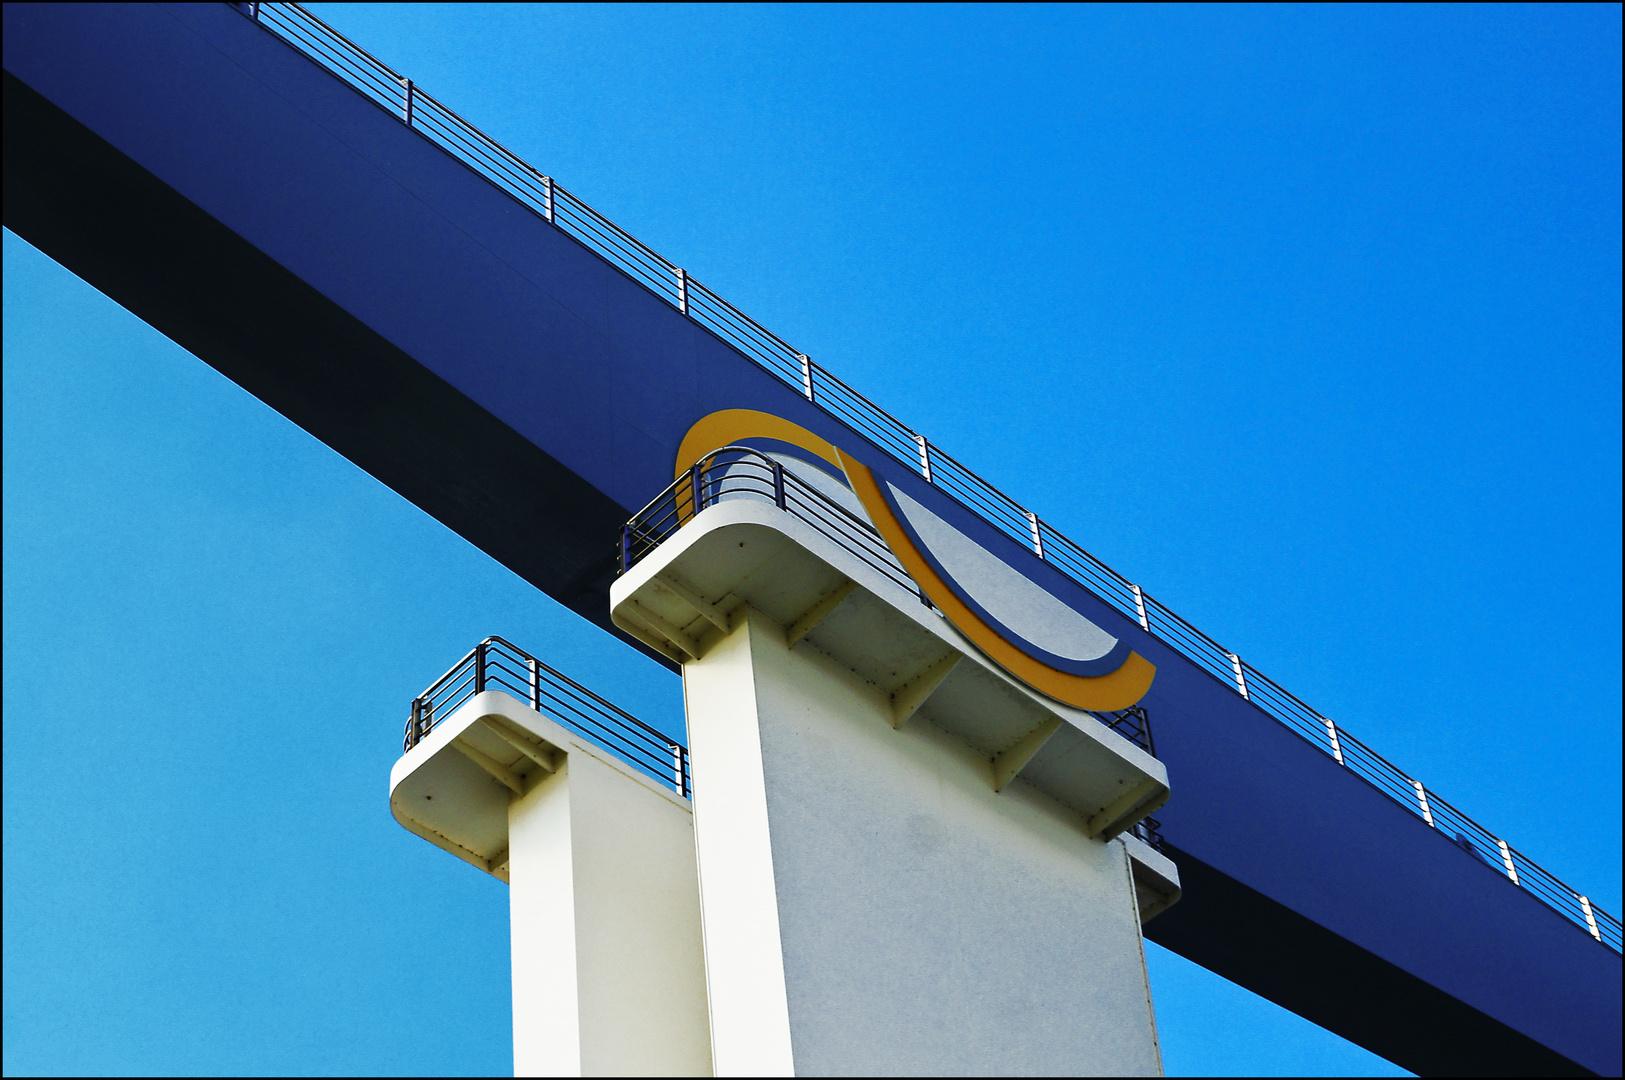 Hebebrücke #1